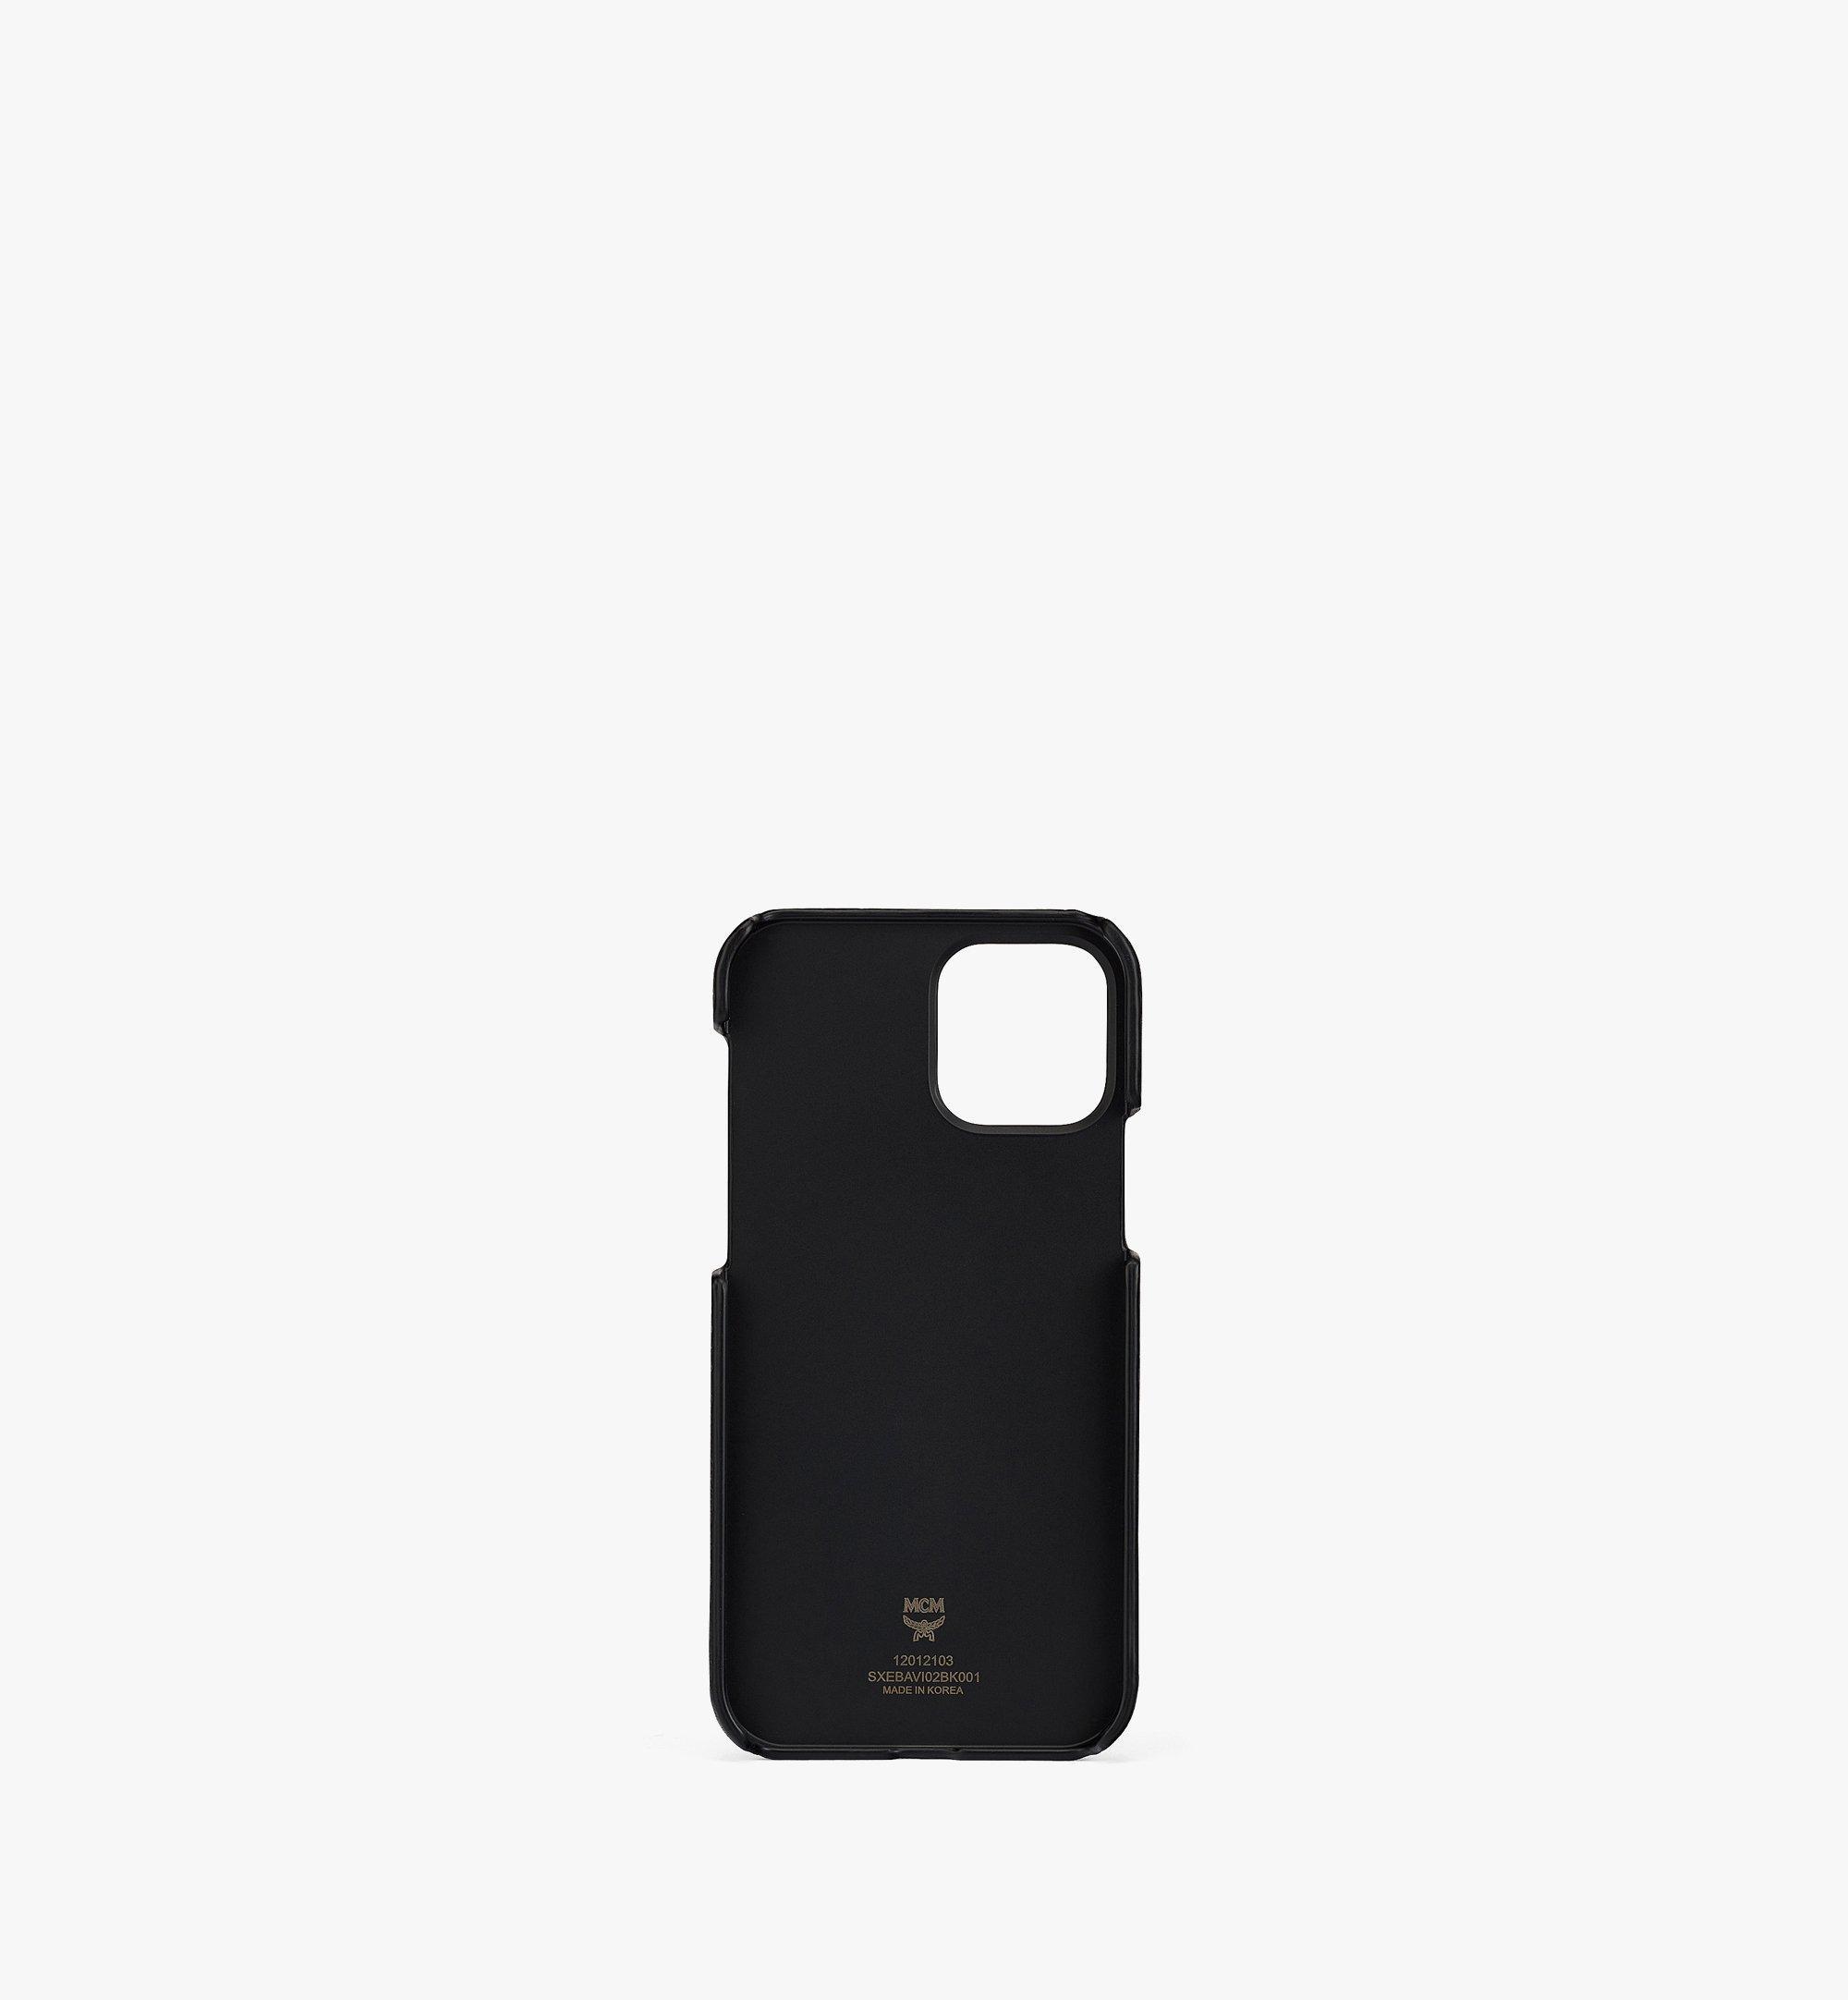 MCM iPhone 12/12 Proケース チェーンハンドル付き カード スロット付き Black MXEBAVI02BK001 ほかの角度から見る 1